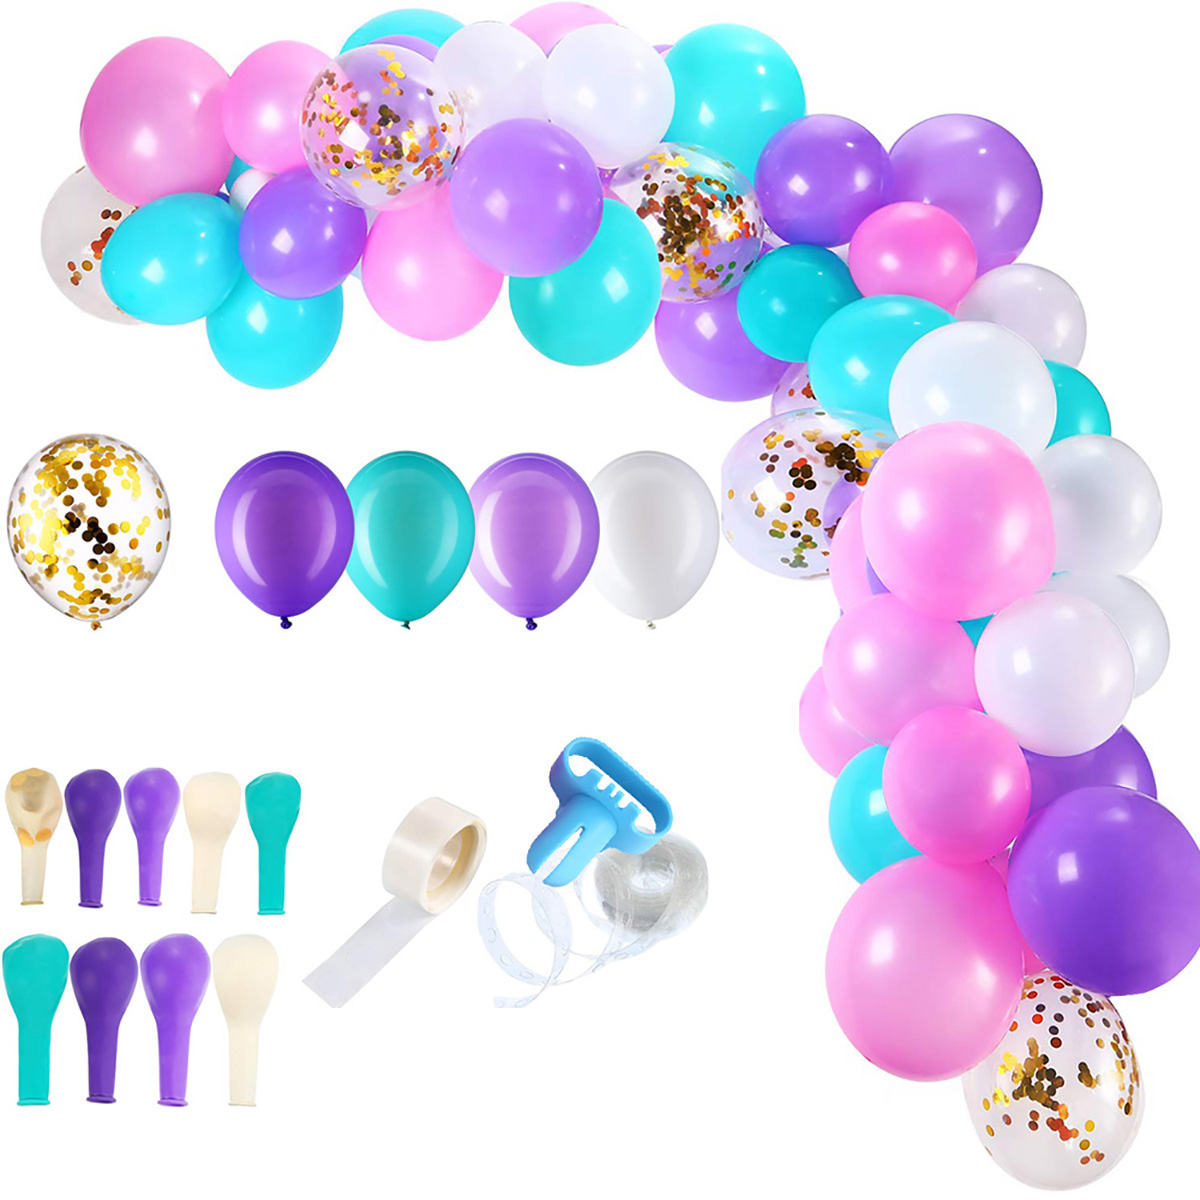 Шт многоцветный Воздушный шар арочные гирлянды наборы конфетти Латекс Воздушный шарs цепочка цветочные Garl Свадебное украшения